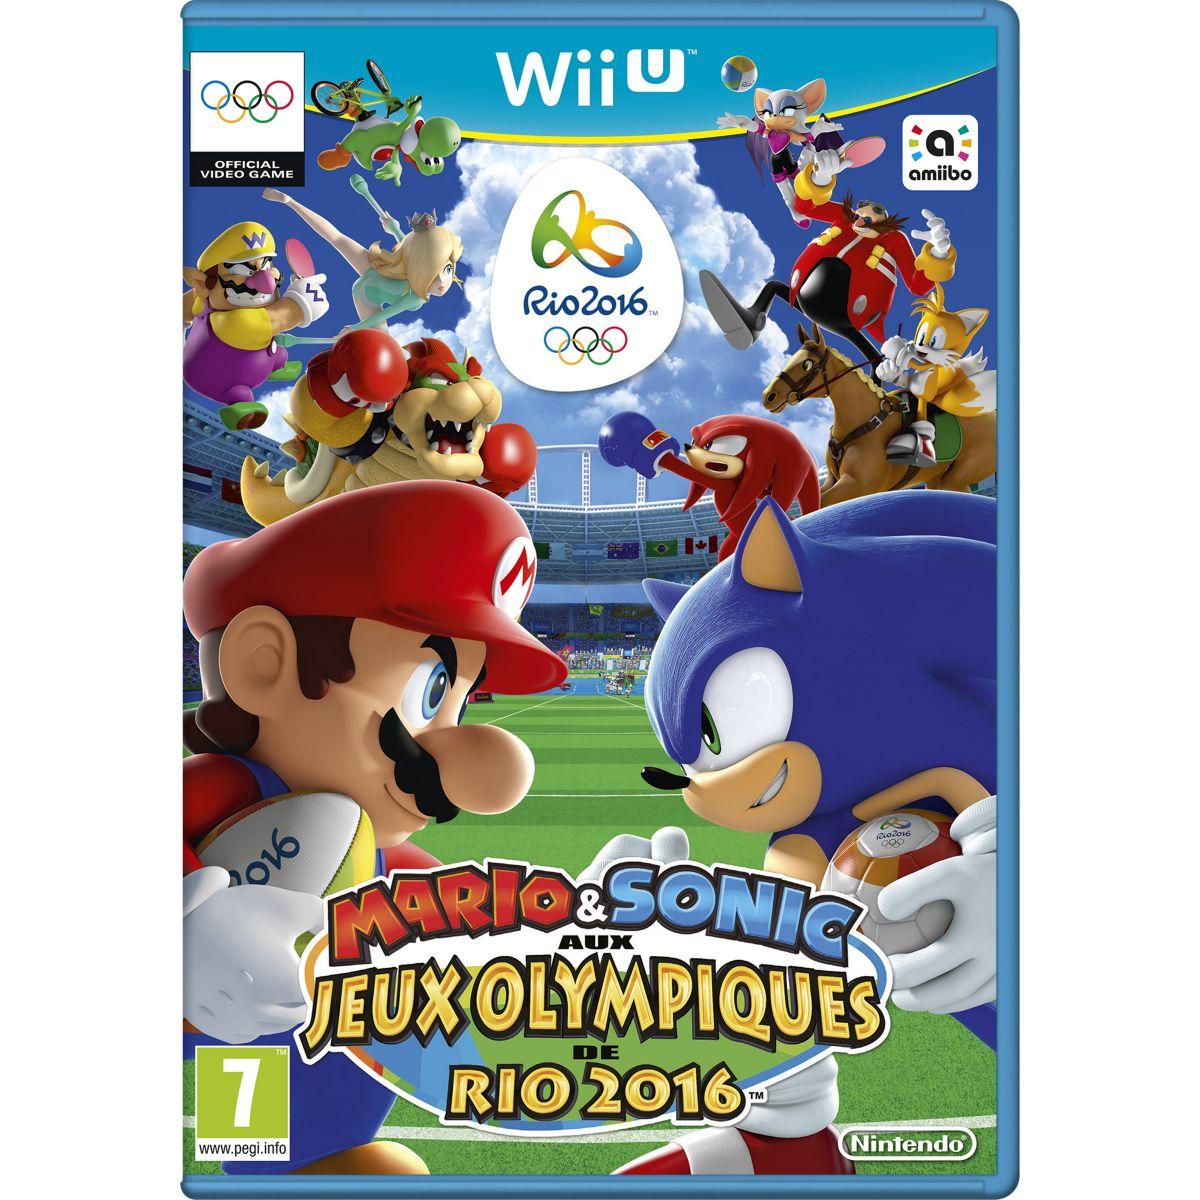 Jeu Wii U NINTENDO Mario & Sonic aux Jeux Olympiques de Rio